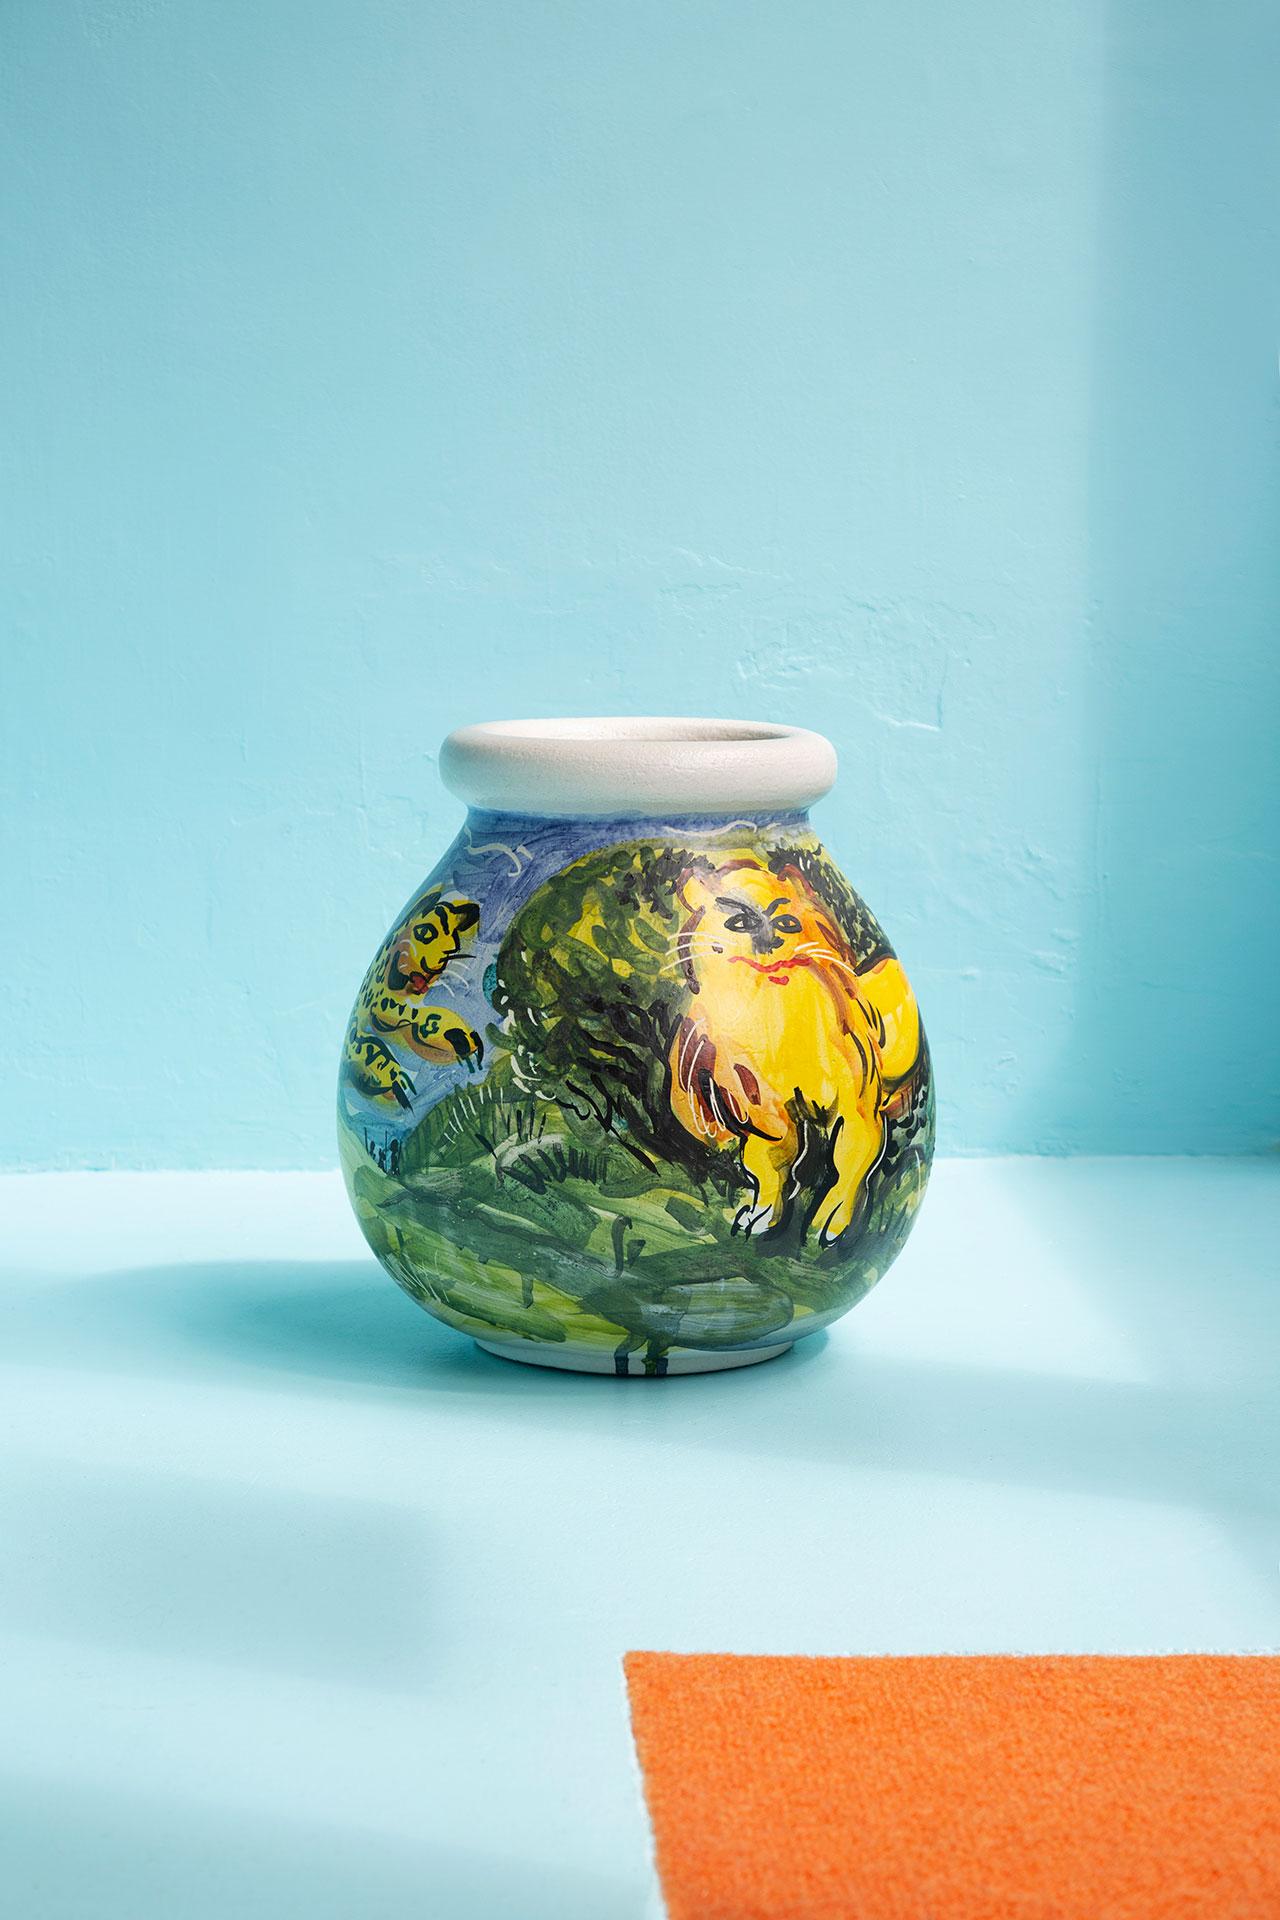 Vase by Matthieu Cossé. Photography © Émile Kirsch.